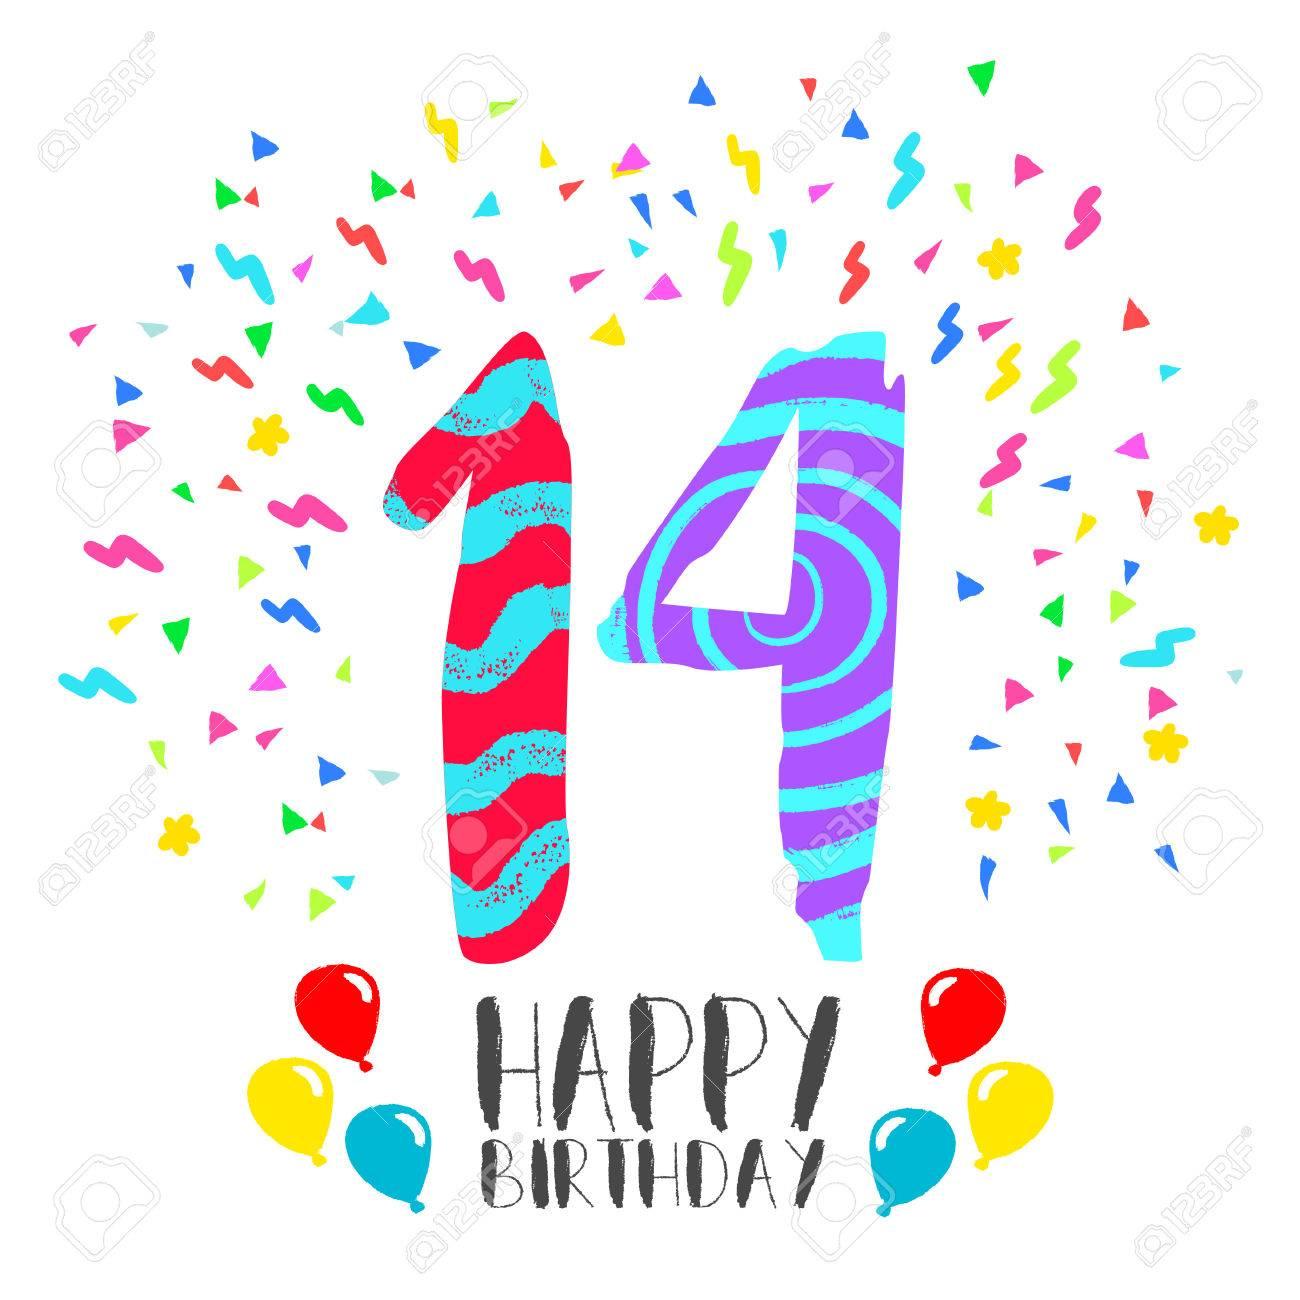 Número 14 Del Feliz Cumpleaños Tarjeta De Felicitación Durante Catorce Años En El Estilo Del Arte De La Diversión Con Confeti Partido Invitación Del